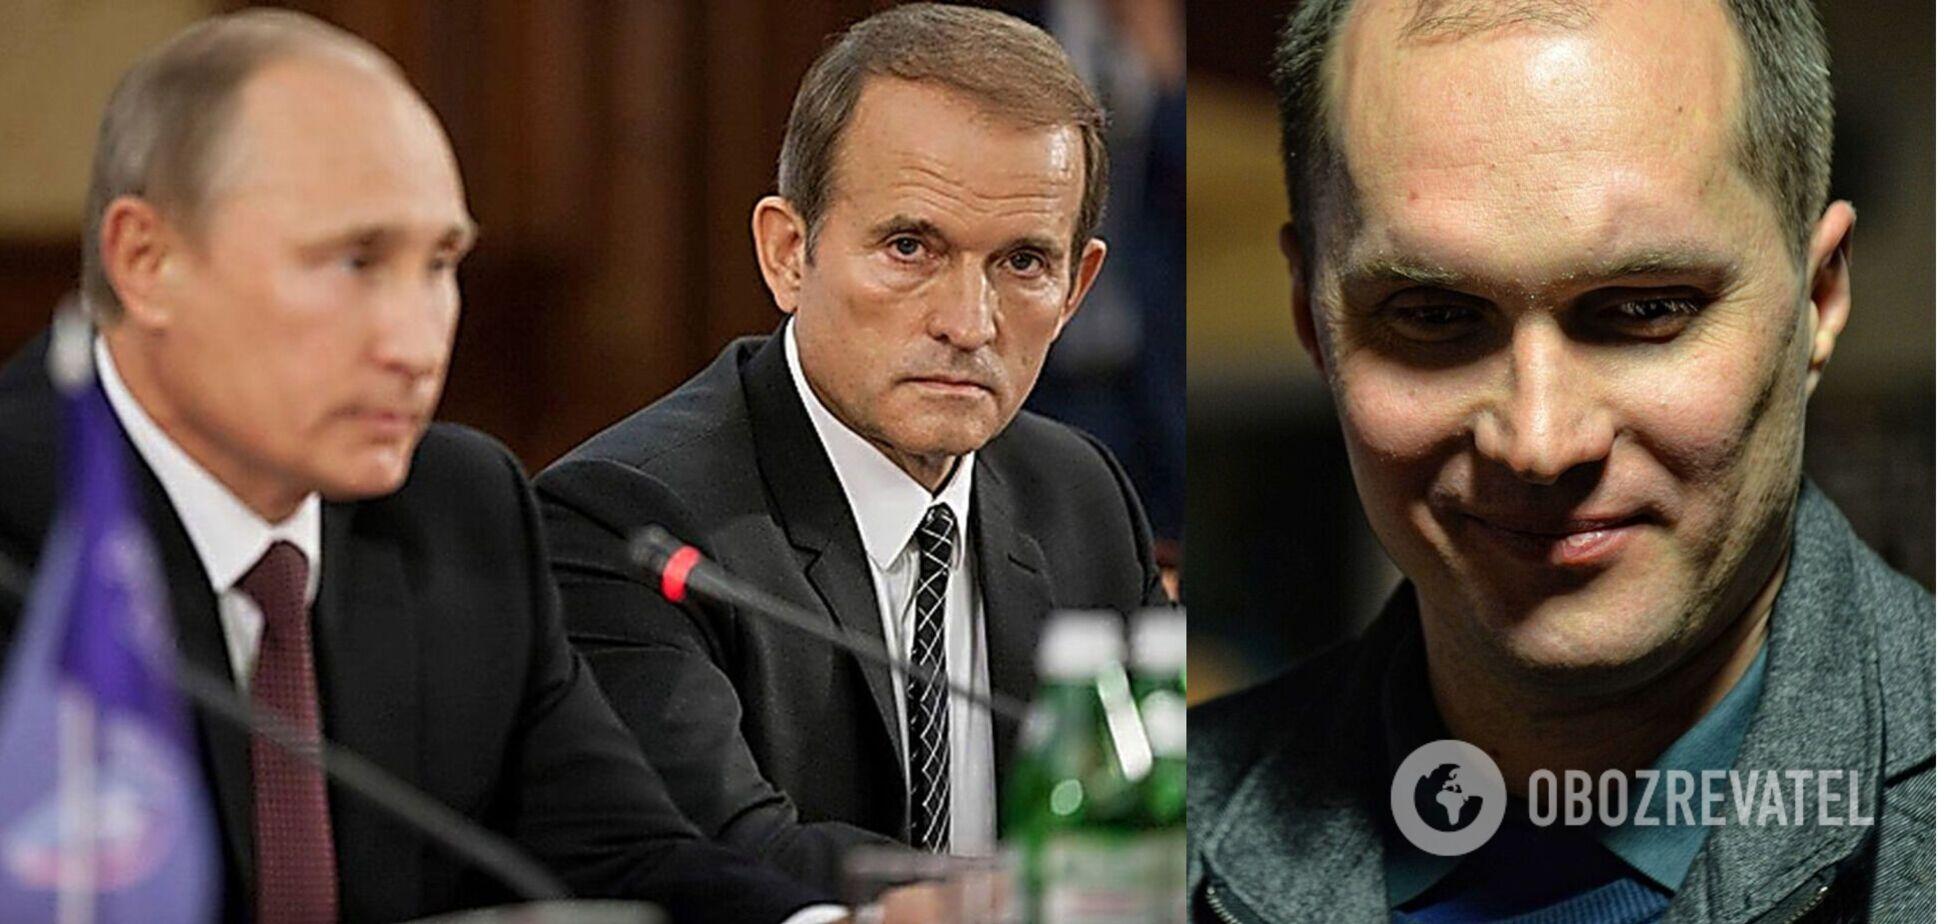 Бутусов – о санкциях против Медведчука: Украина впервые нанесла уничтожающий удар по агенту Путина